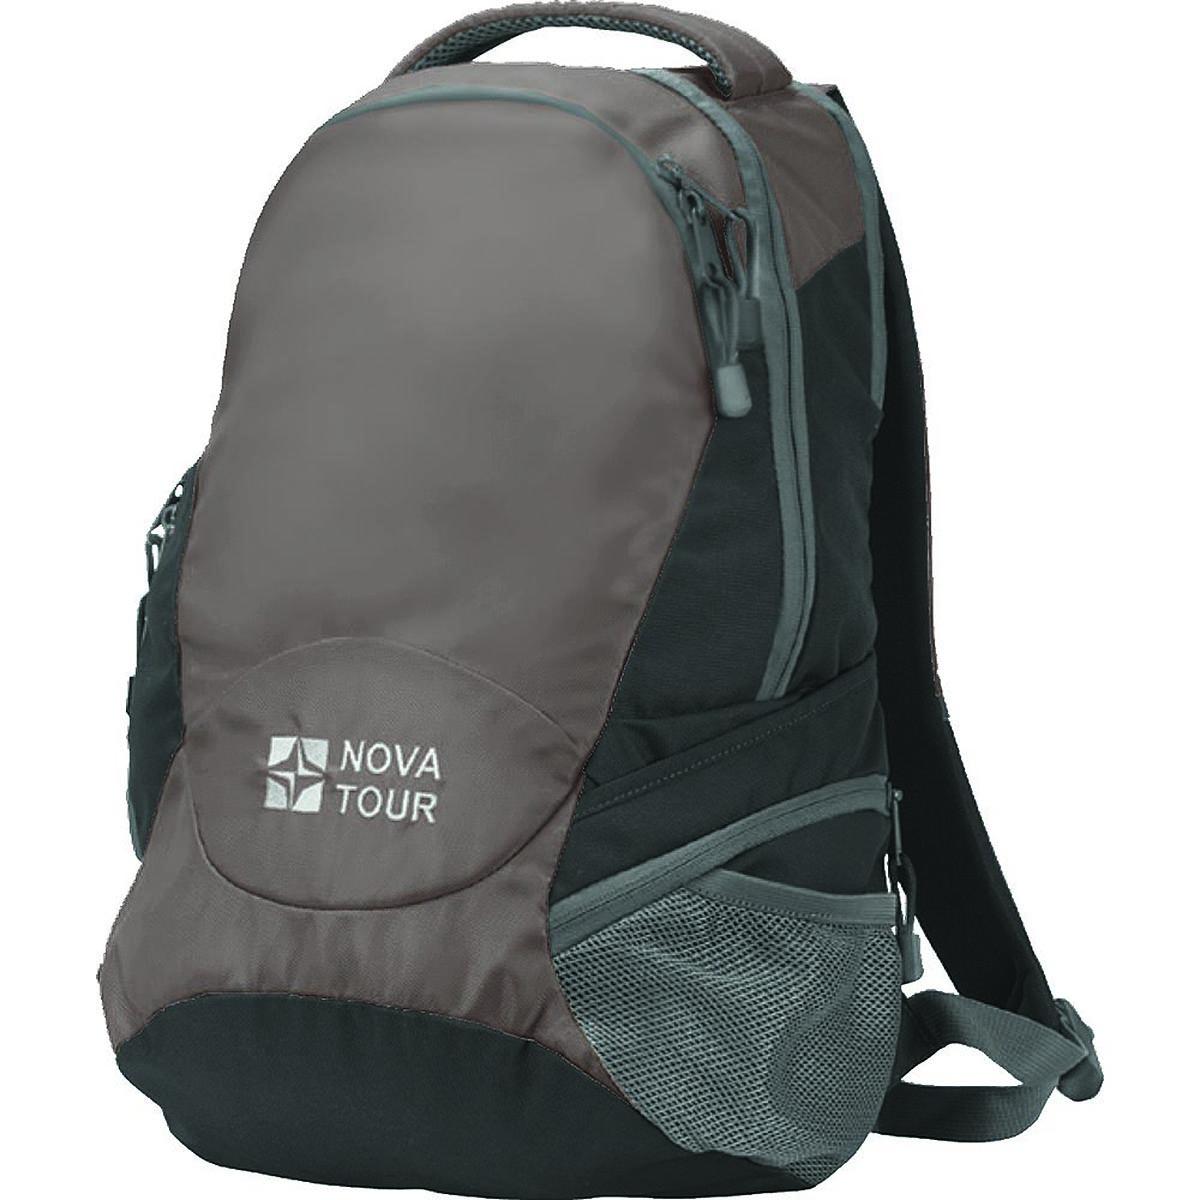 Рюкзак городской Nova Tour Атом 22, цвет: темно-коричневый, 22 л13372-219-00Удобный городской рюкзак. В рюкзаке предусмотрены специальное отделение для ноутбука, боковой карман с тремя отделениями, органайзер, карабин для ключей.